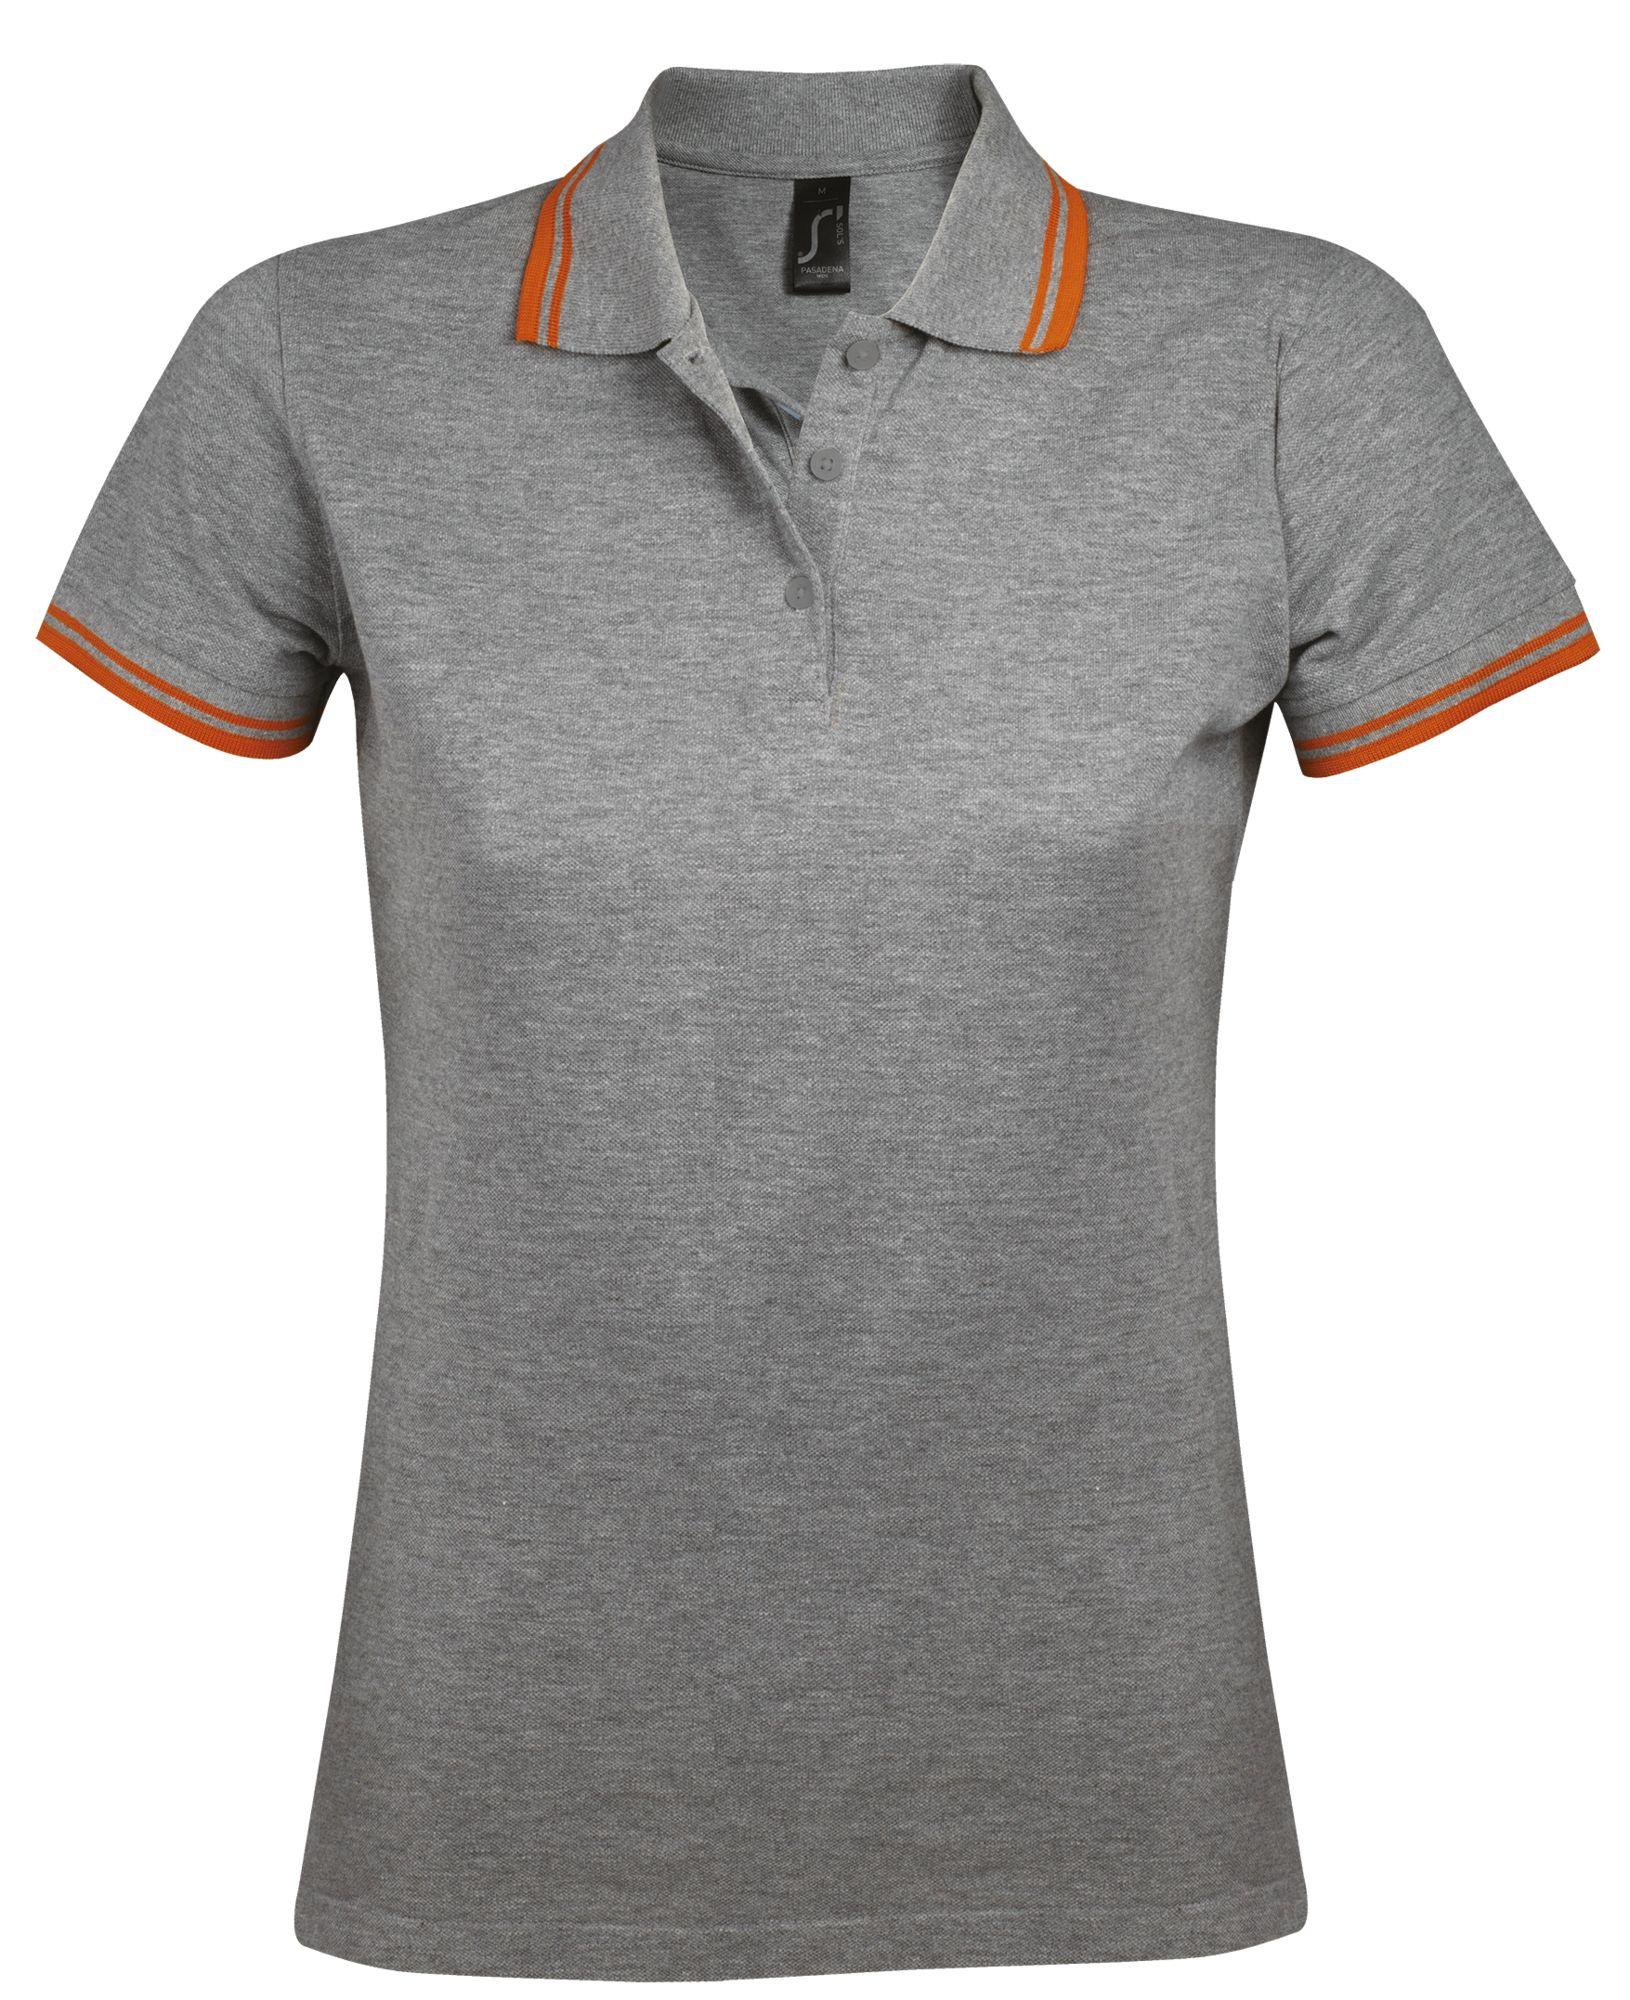 Рубашка поло женская PASADENA WOMEN 200, серый меланж c оранжевым